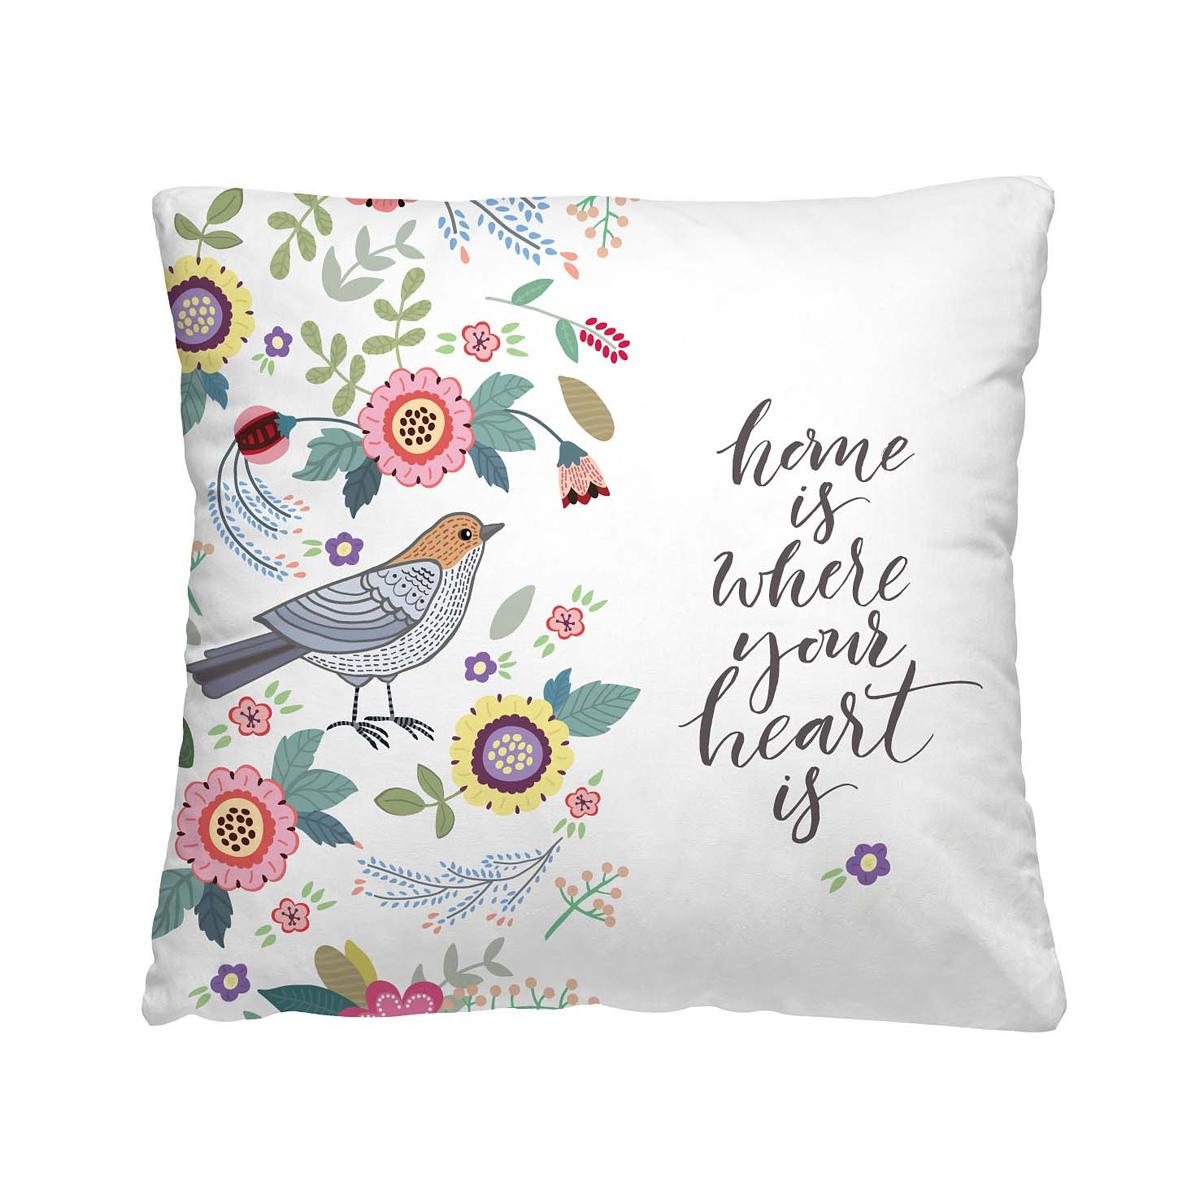 Подушка декоративная Волшебная ночь Влюбленный скворец, 40 х 40 см подушка декоративная волшебная ночь колибри 40х40 см